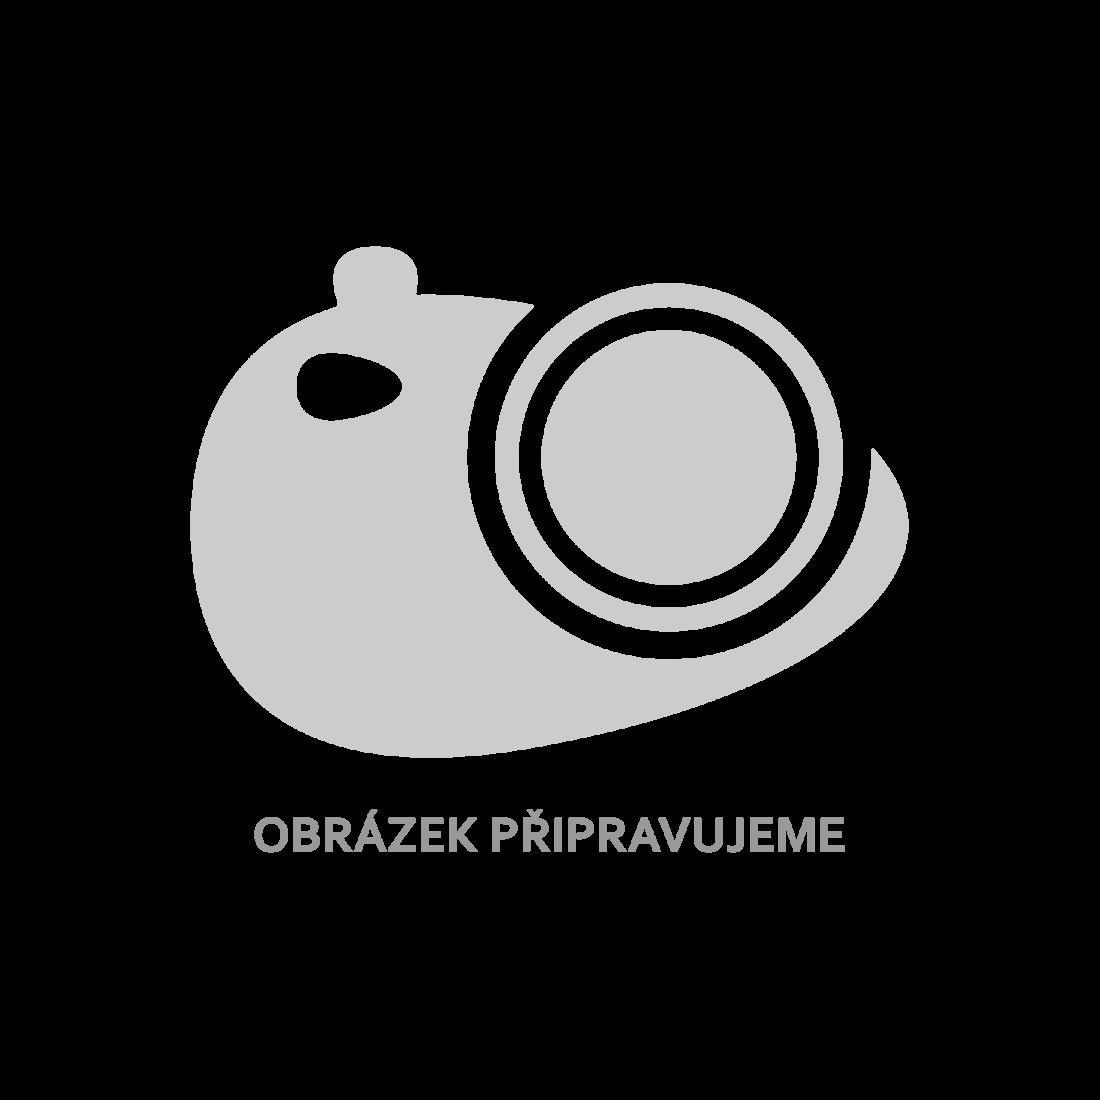 Roleta Zebra / noc a den / Twinroll 90 x 150 cm, šedá